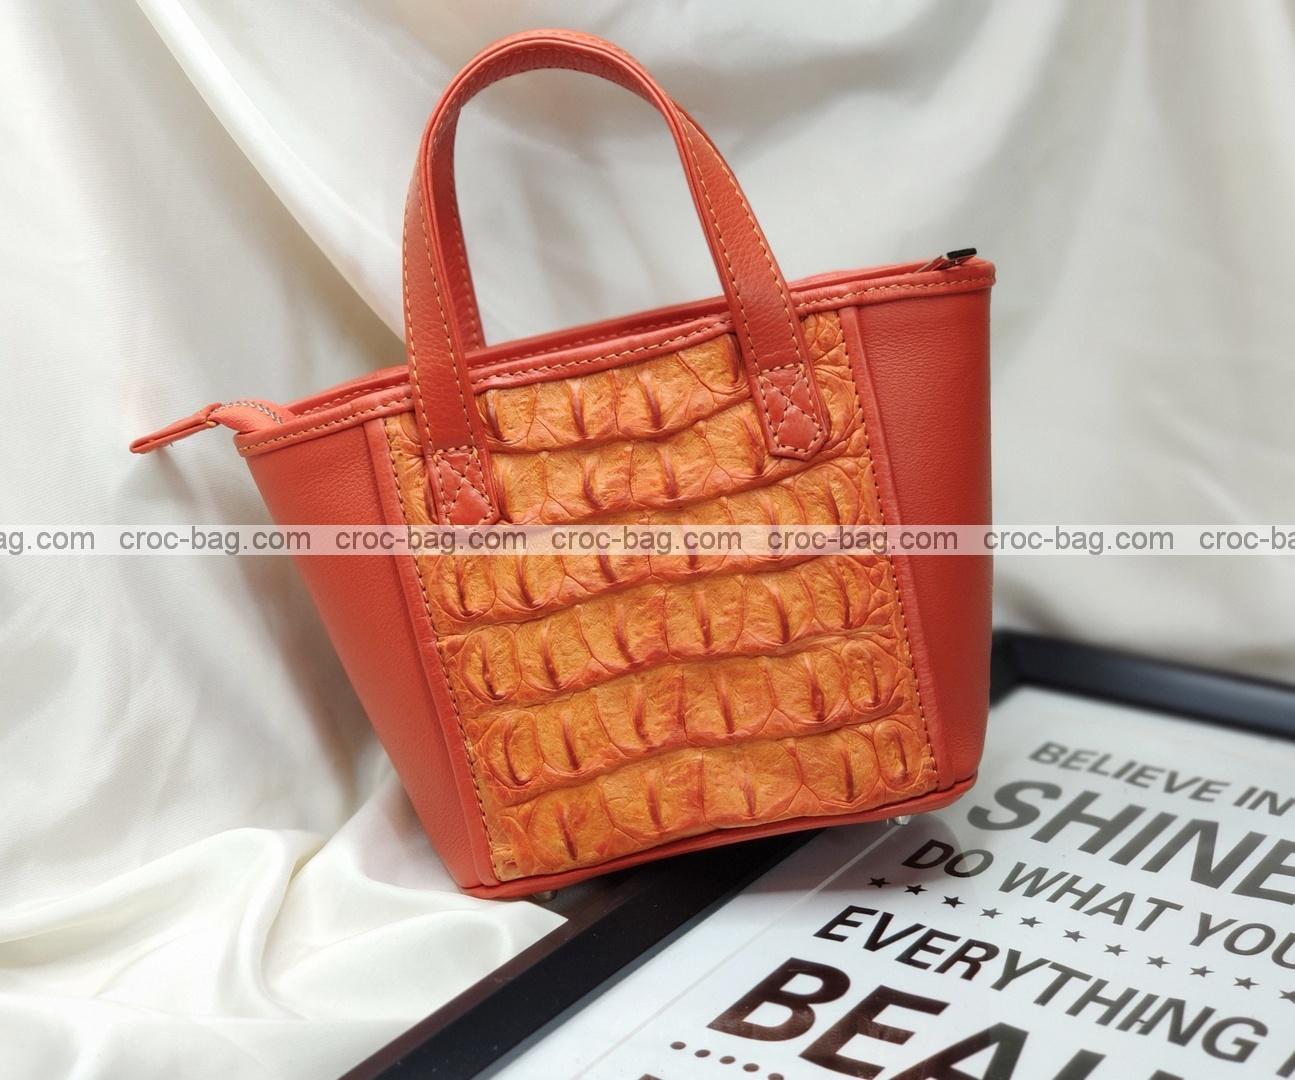 กระเป๋าหนังจระเข้สำหรับผู้หญิง 5471